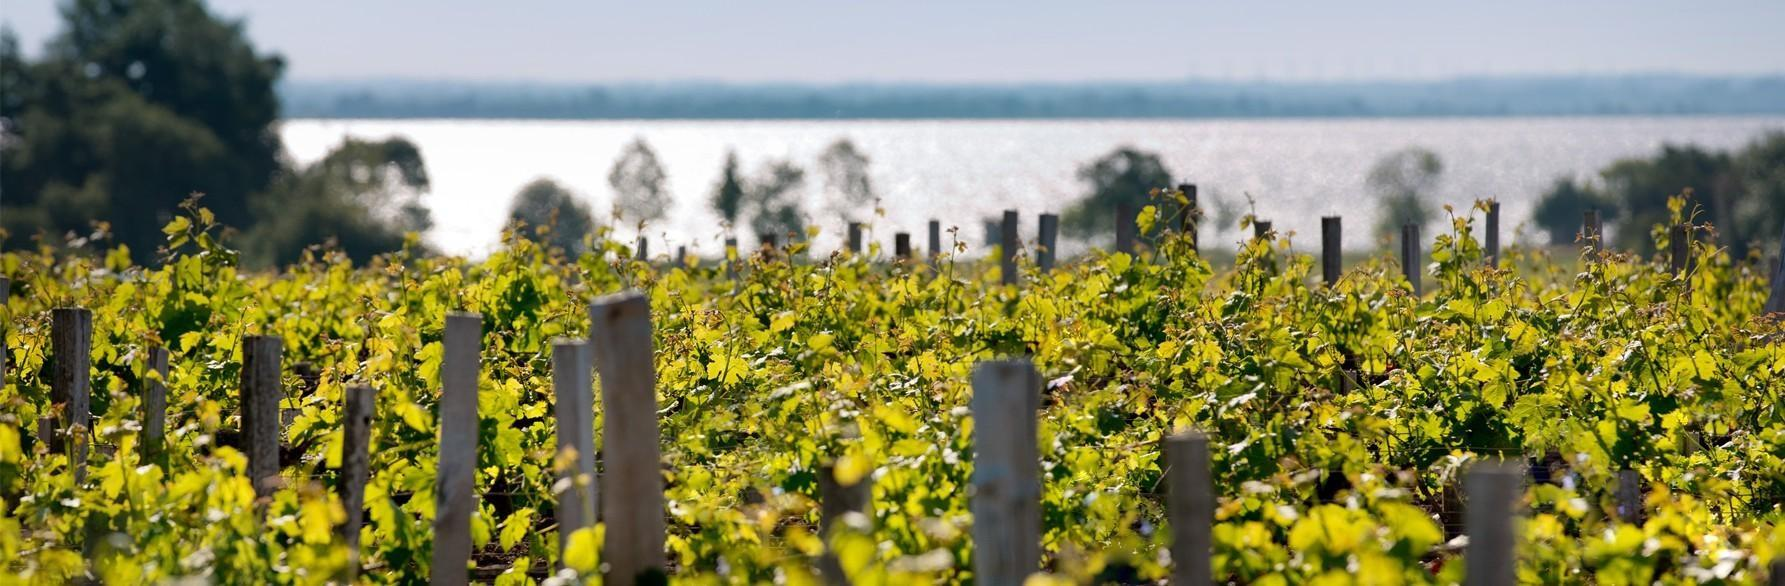 Vignoble Bordelais : histoire, appellations, spécificités...